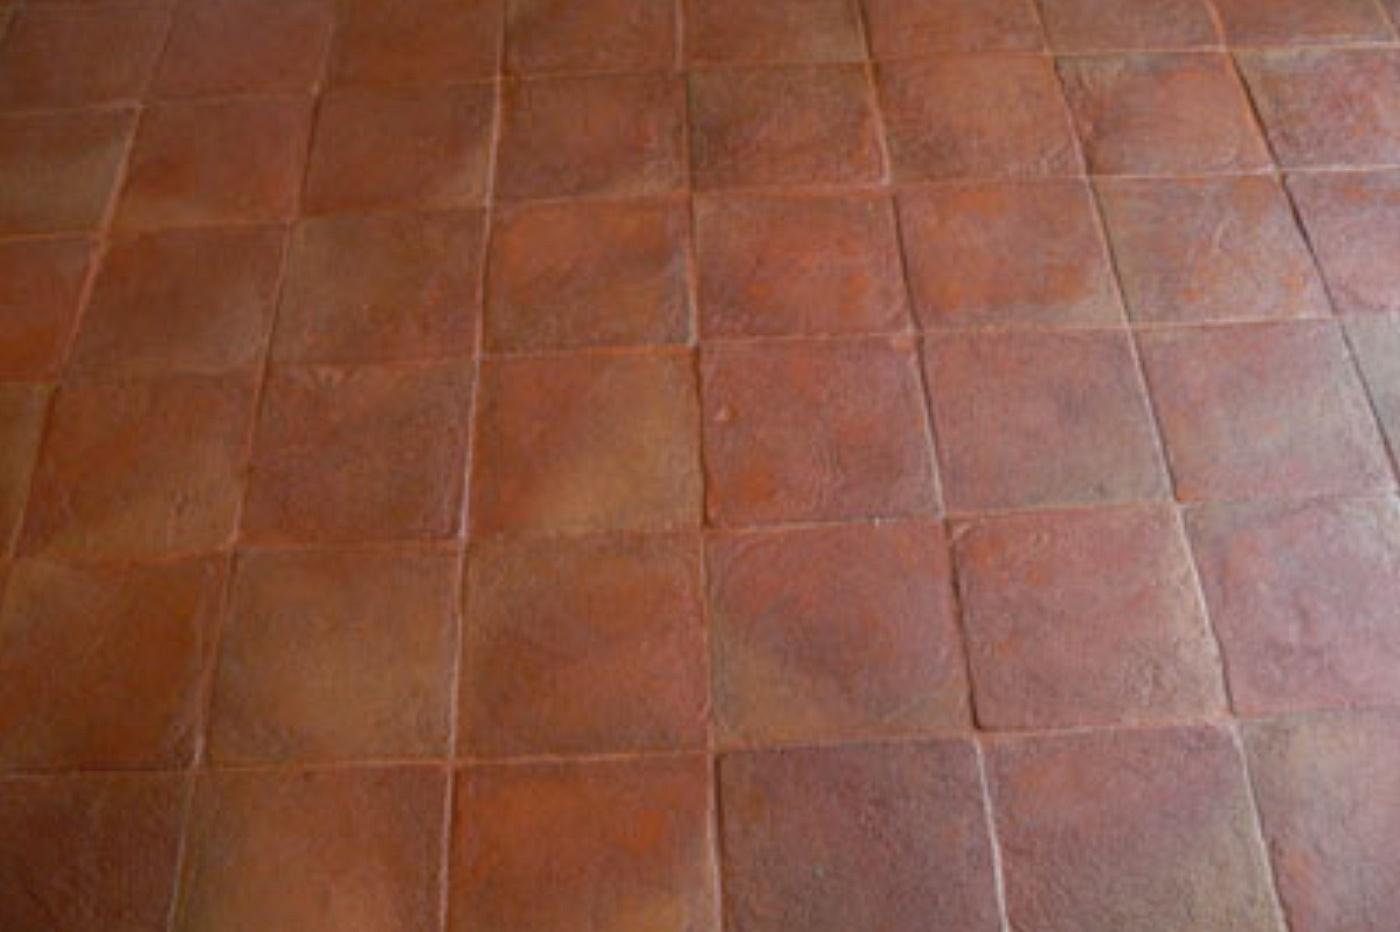 Pietrantica di paolo virano pavimento in cotto for Pavimenti in cotto